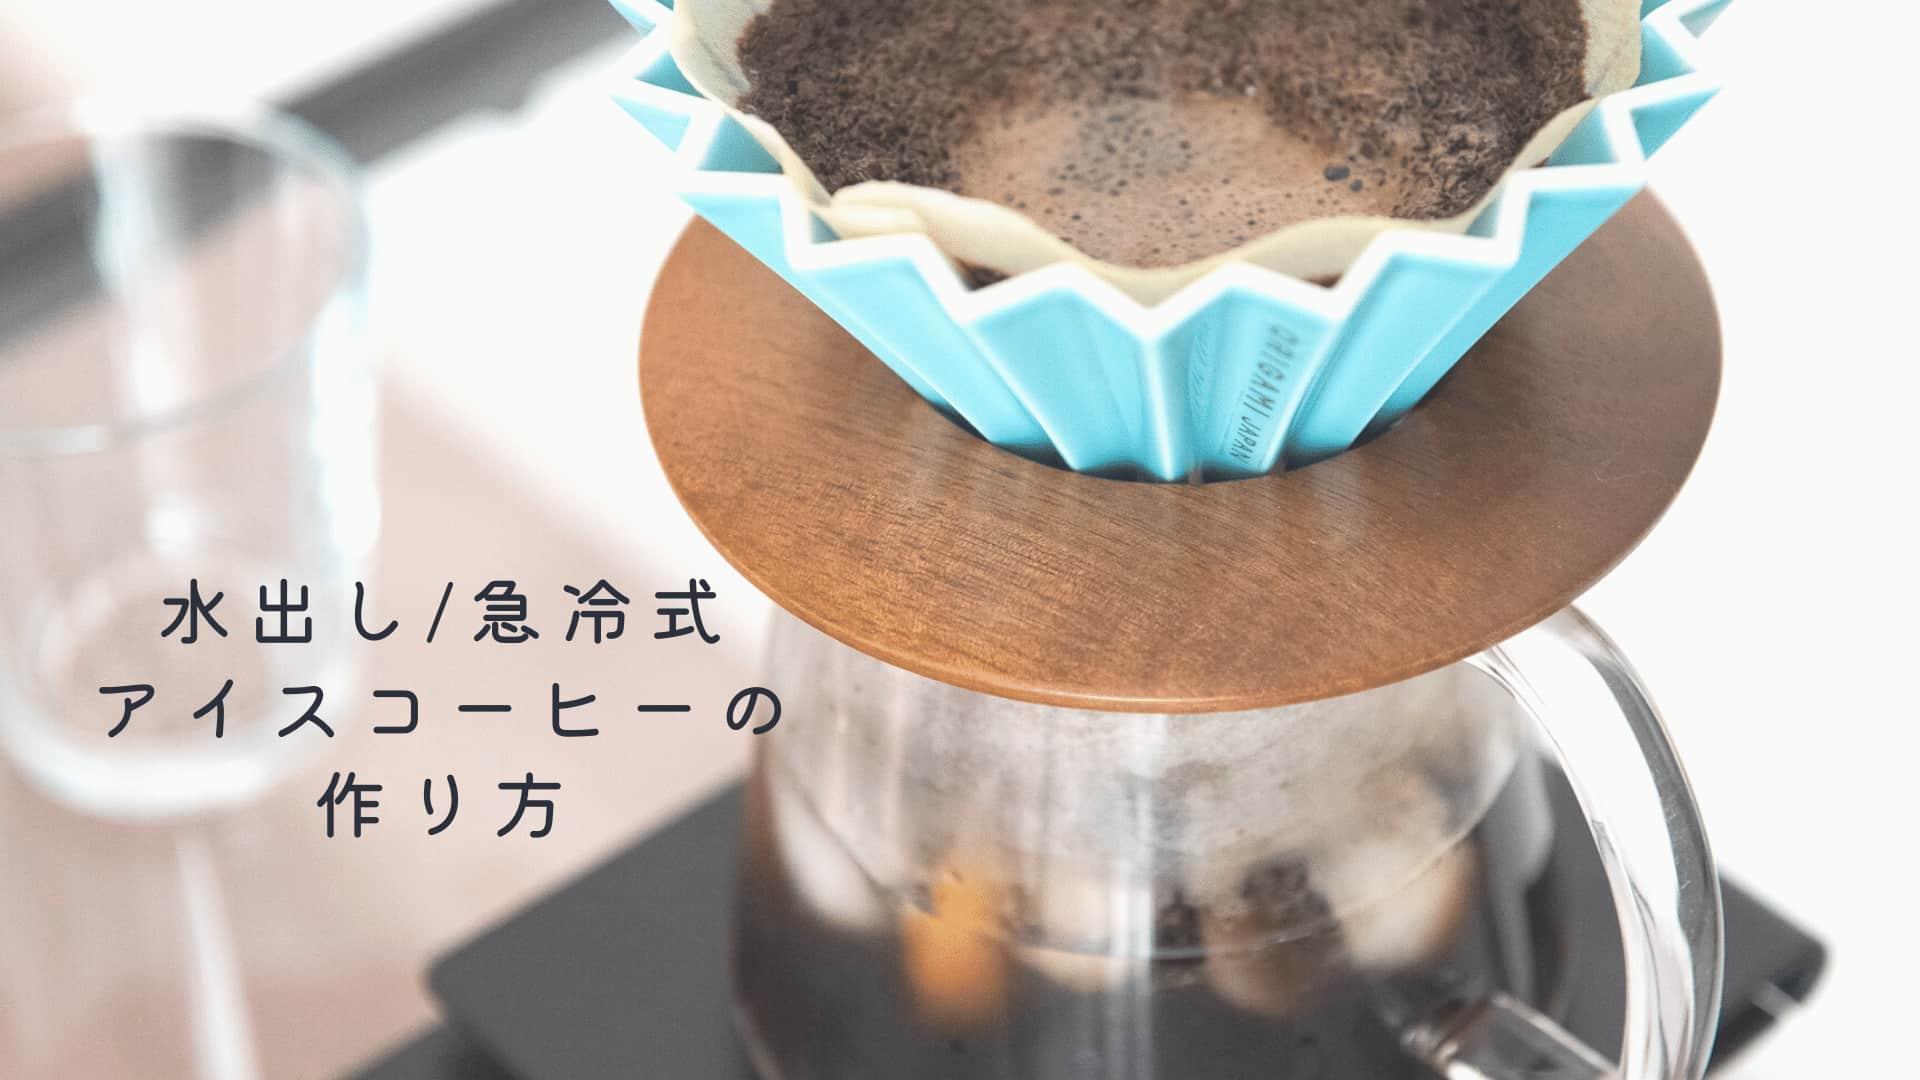 水出し急冷式コーヒー作り方